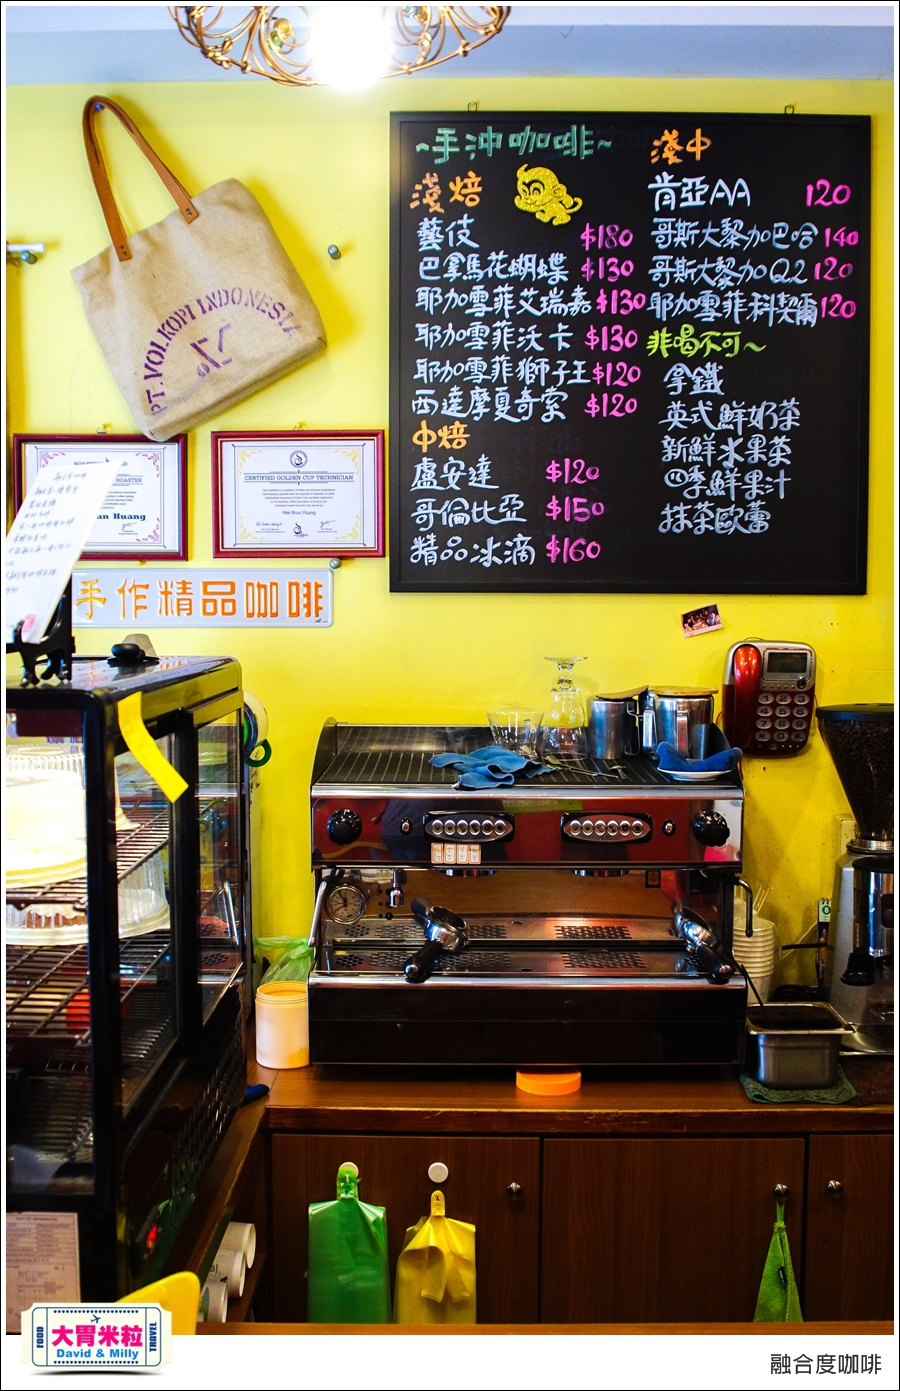 嘉義咖啡推薦@嘉義融合度咖啡@大胃米粒006.jpg